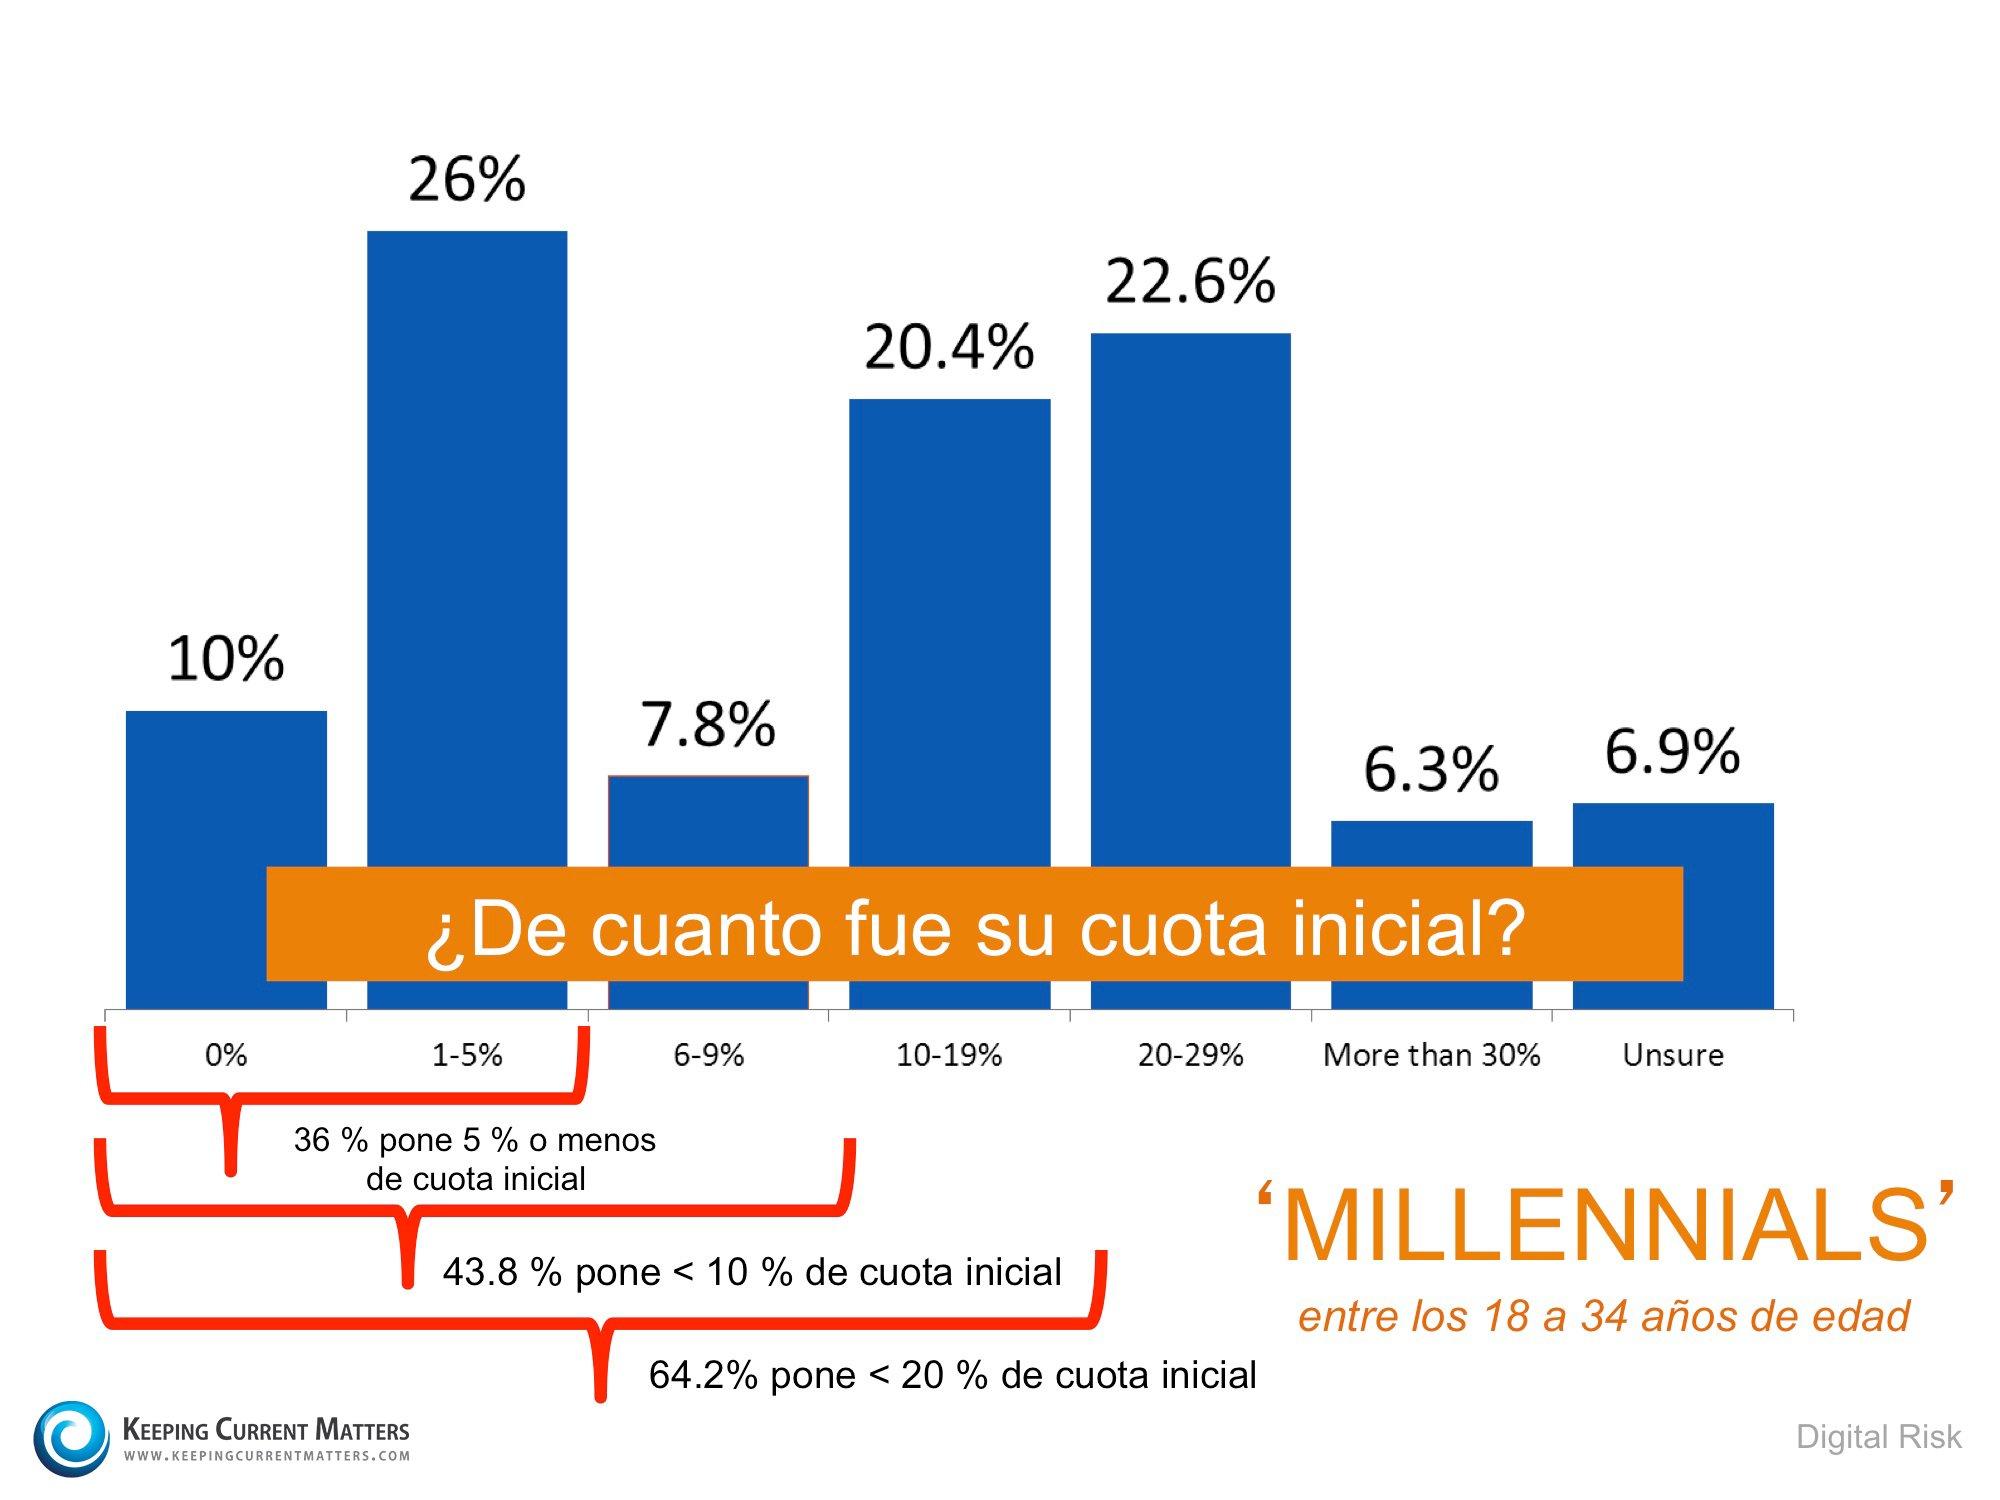 cuota inicial de los 'millennials' | Keeping Current Matters